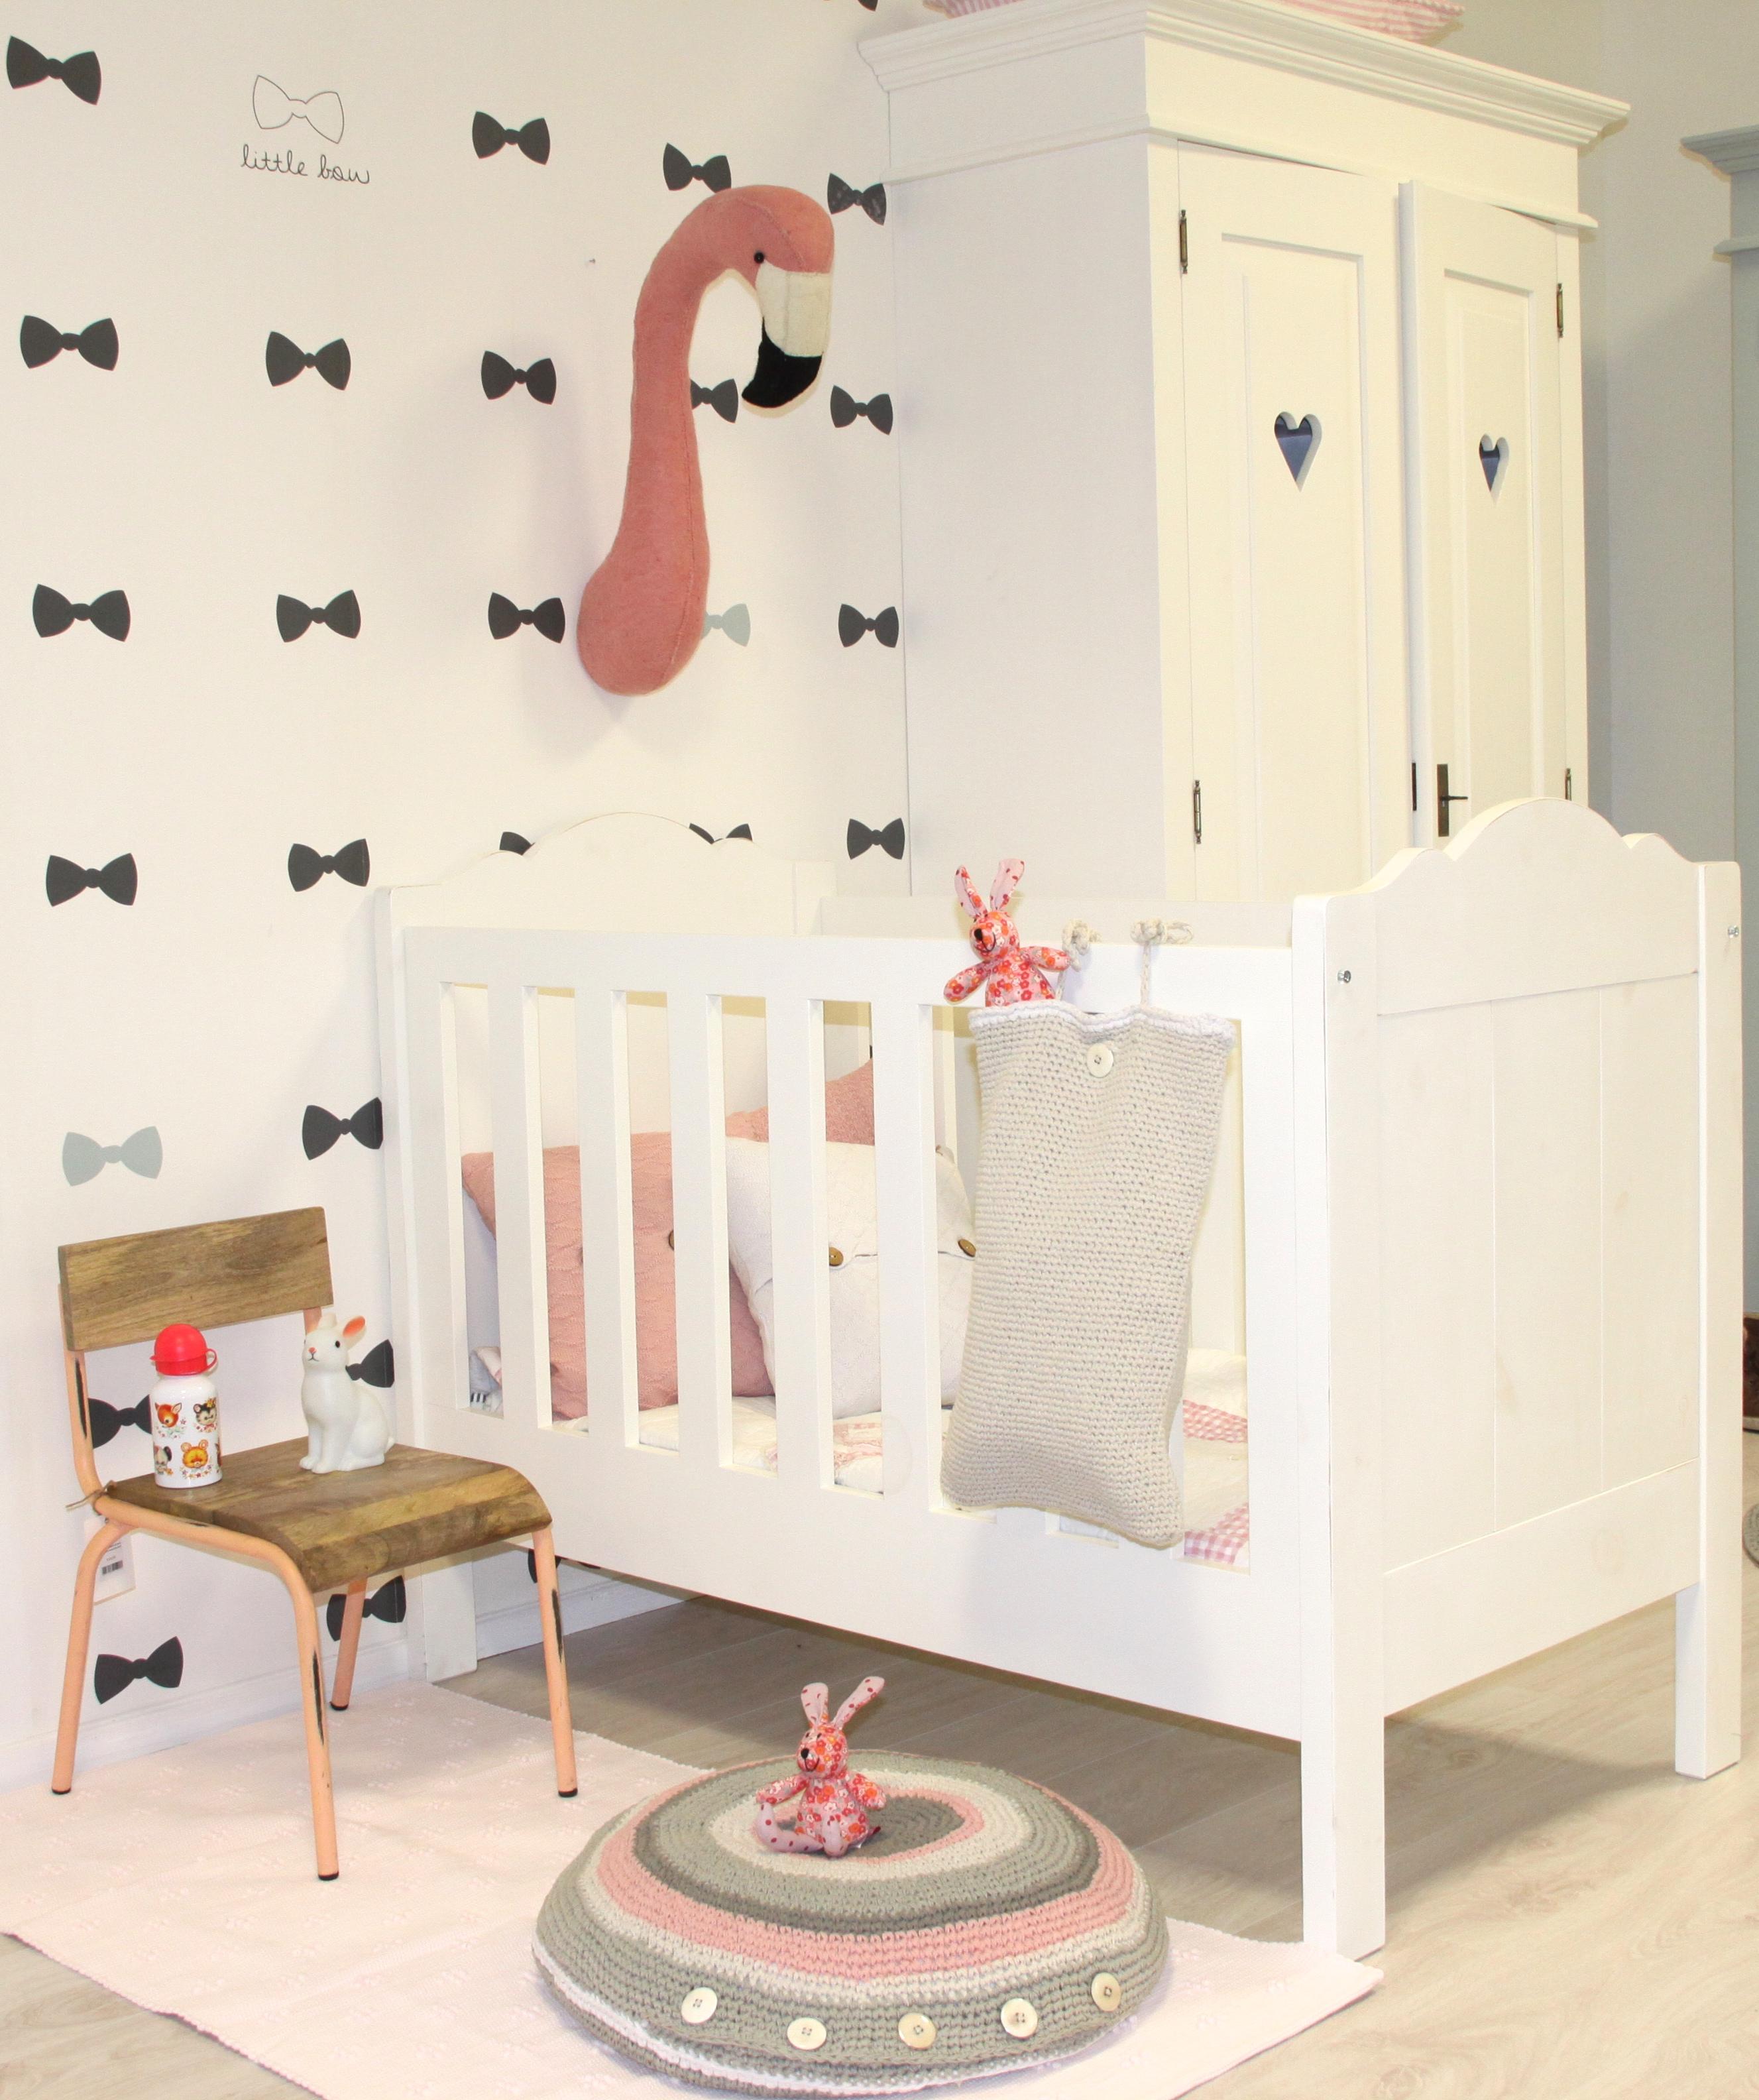 Estamos falando da falsa taxidermia, que está super na moda e invadiu a decoração do quarto de bebê.